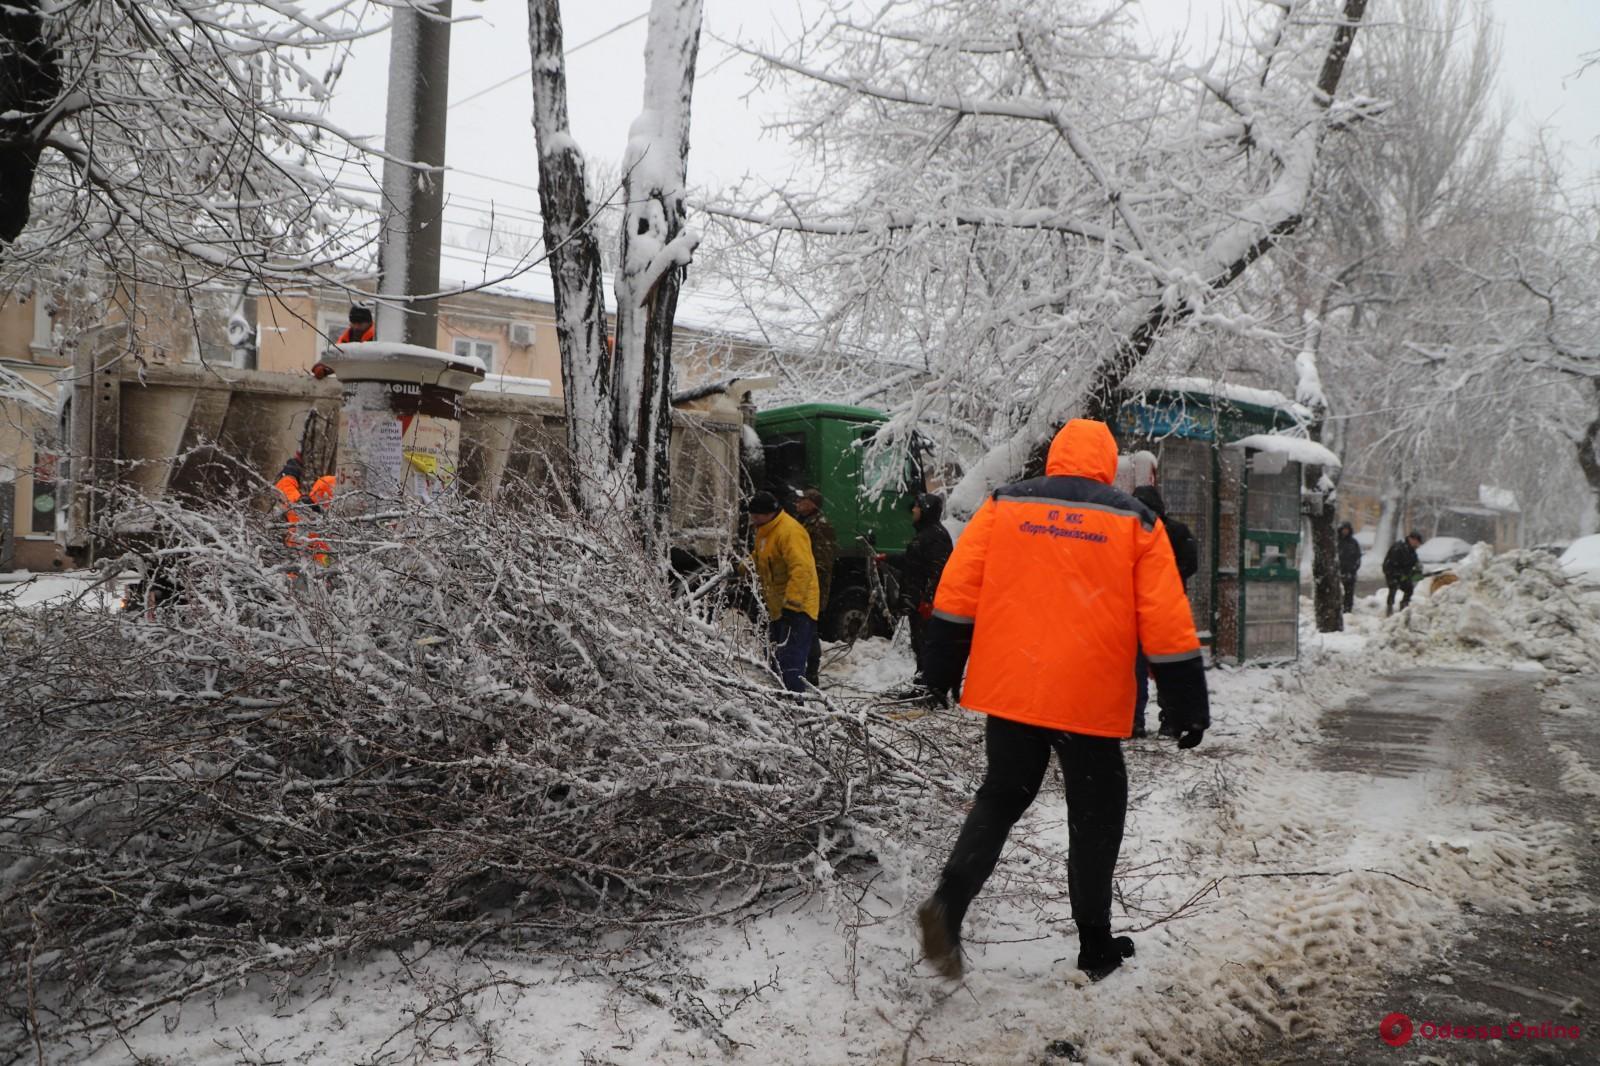 Последствия непогоды: в Одессе за два дня рухнули порядка 800 деревьев и веток, оборвано 400 сетей